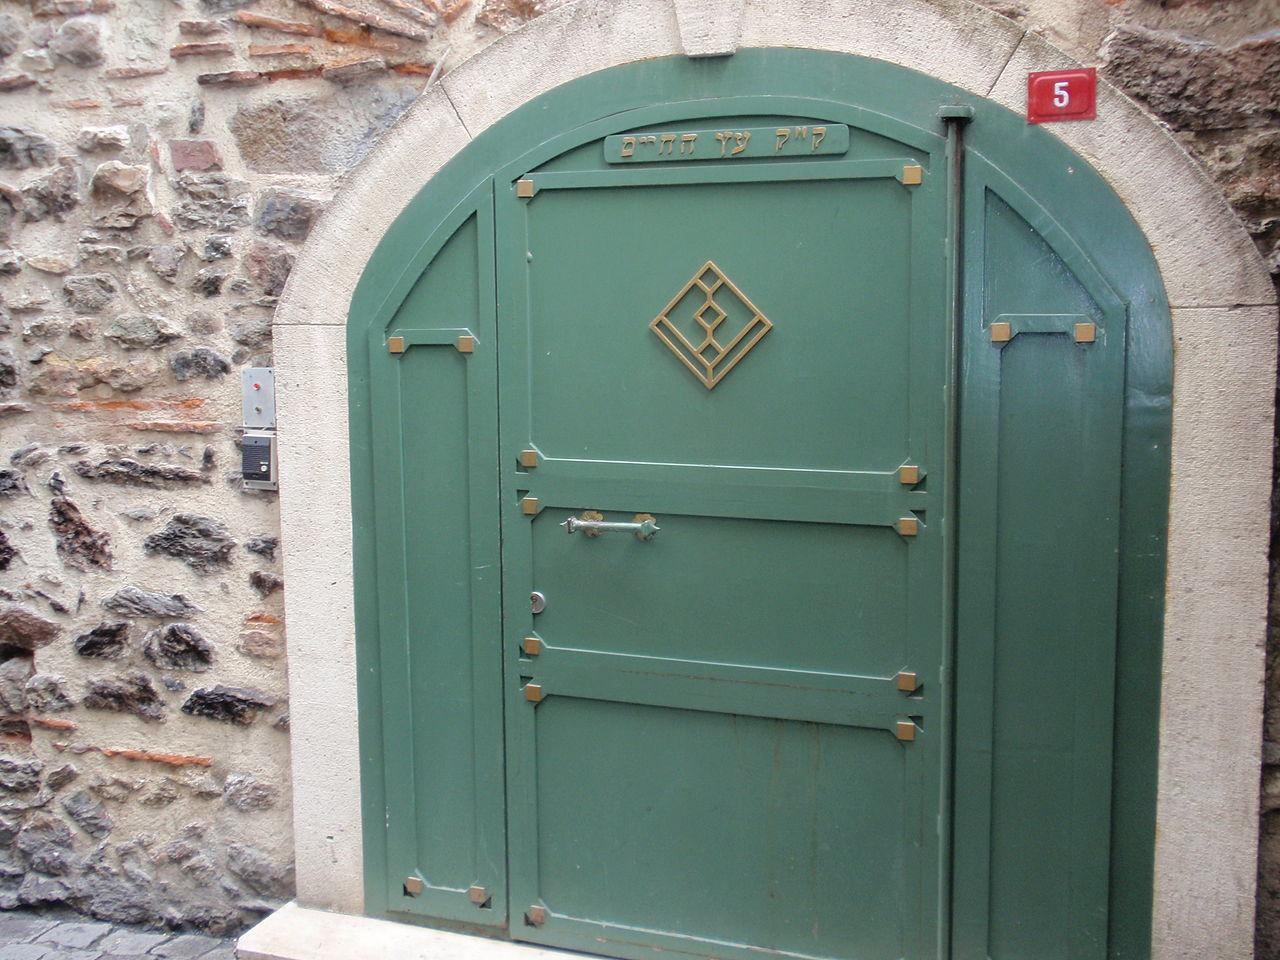 Район Ортакёй, дверь синагоги